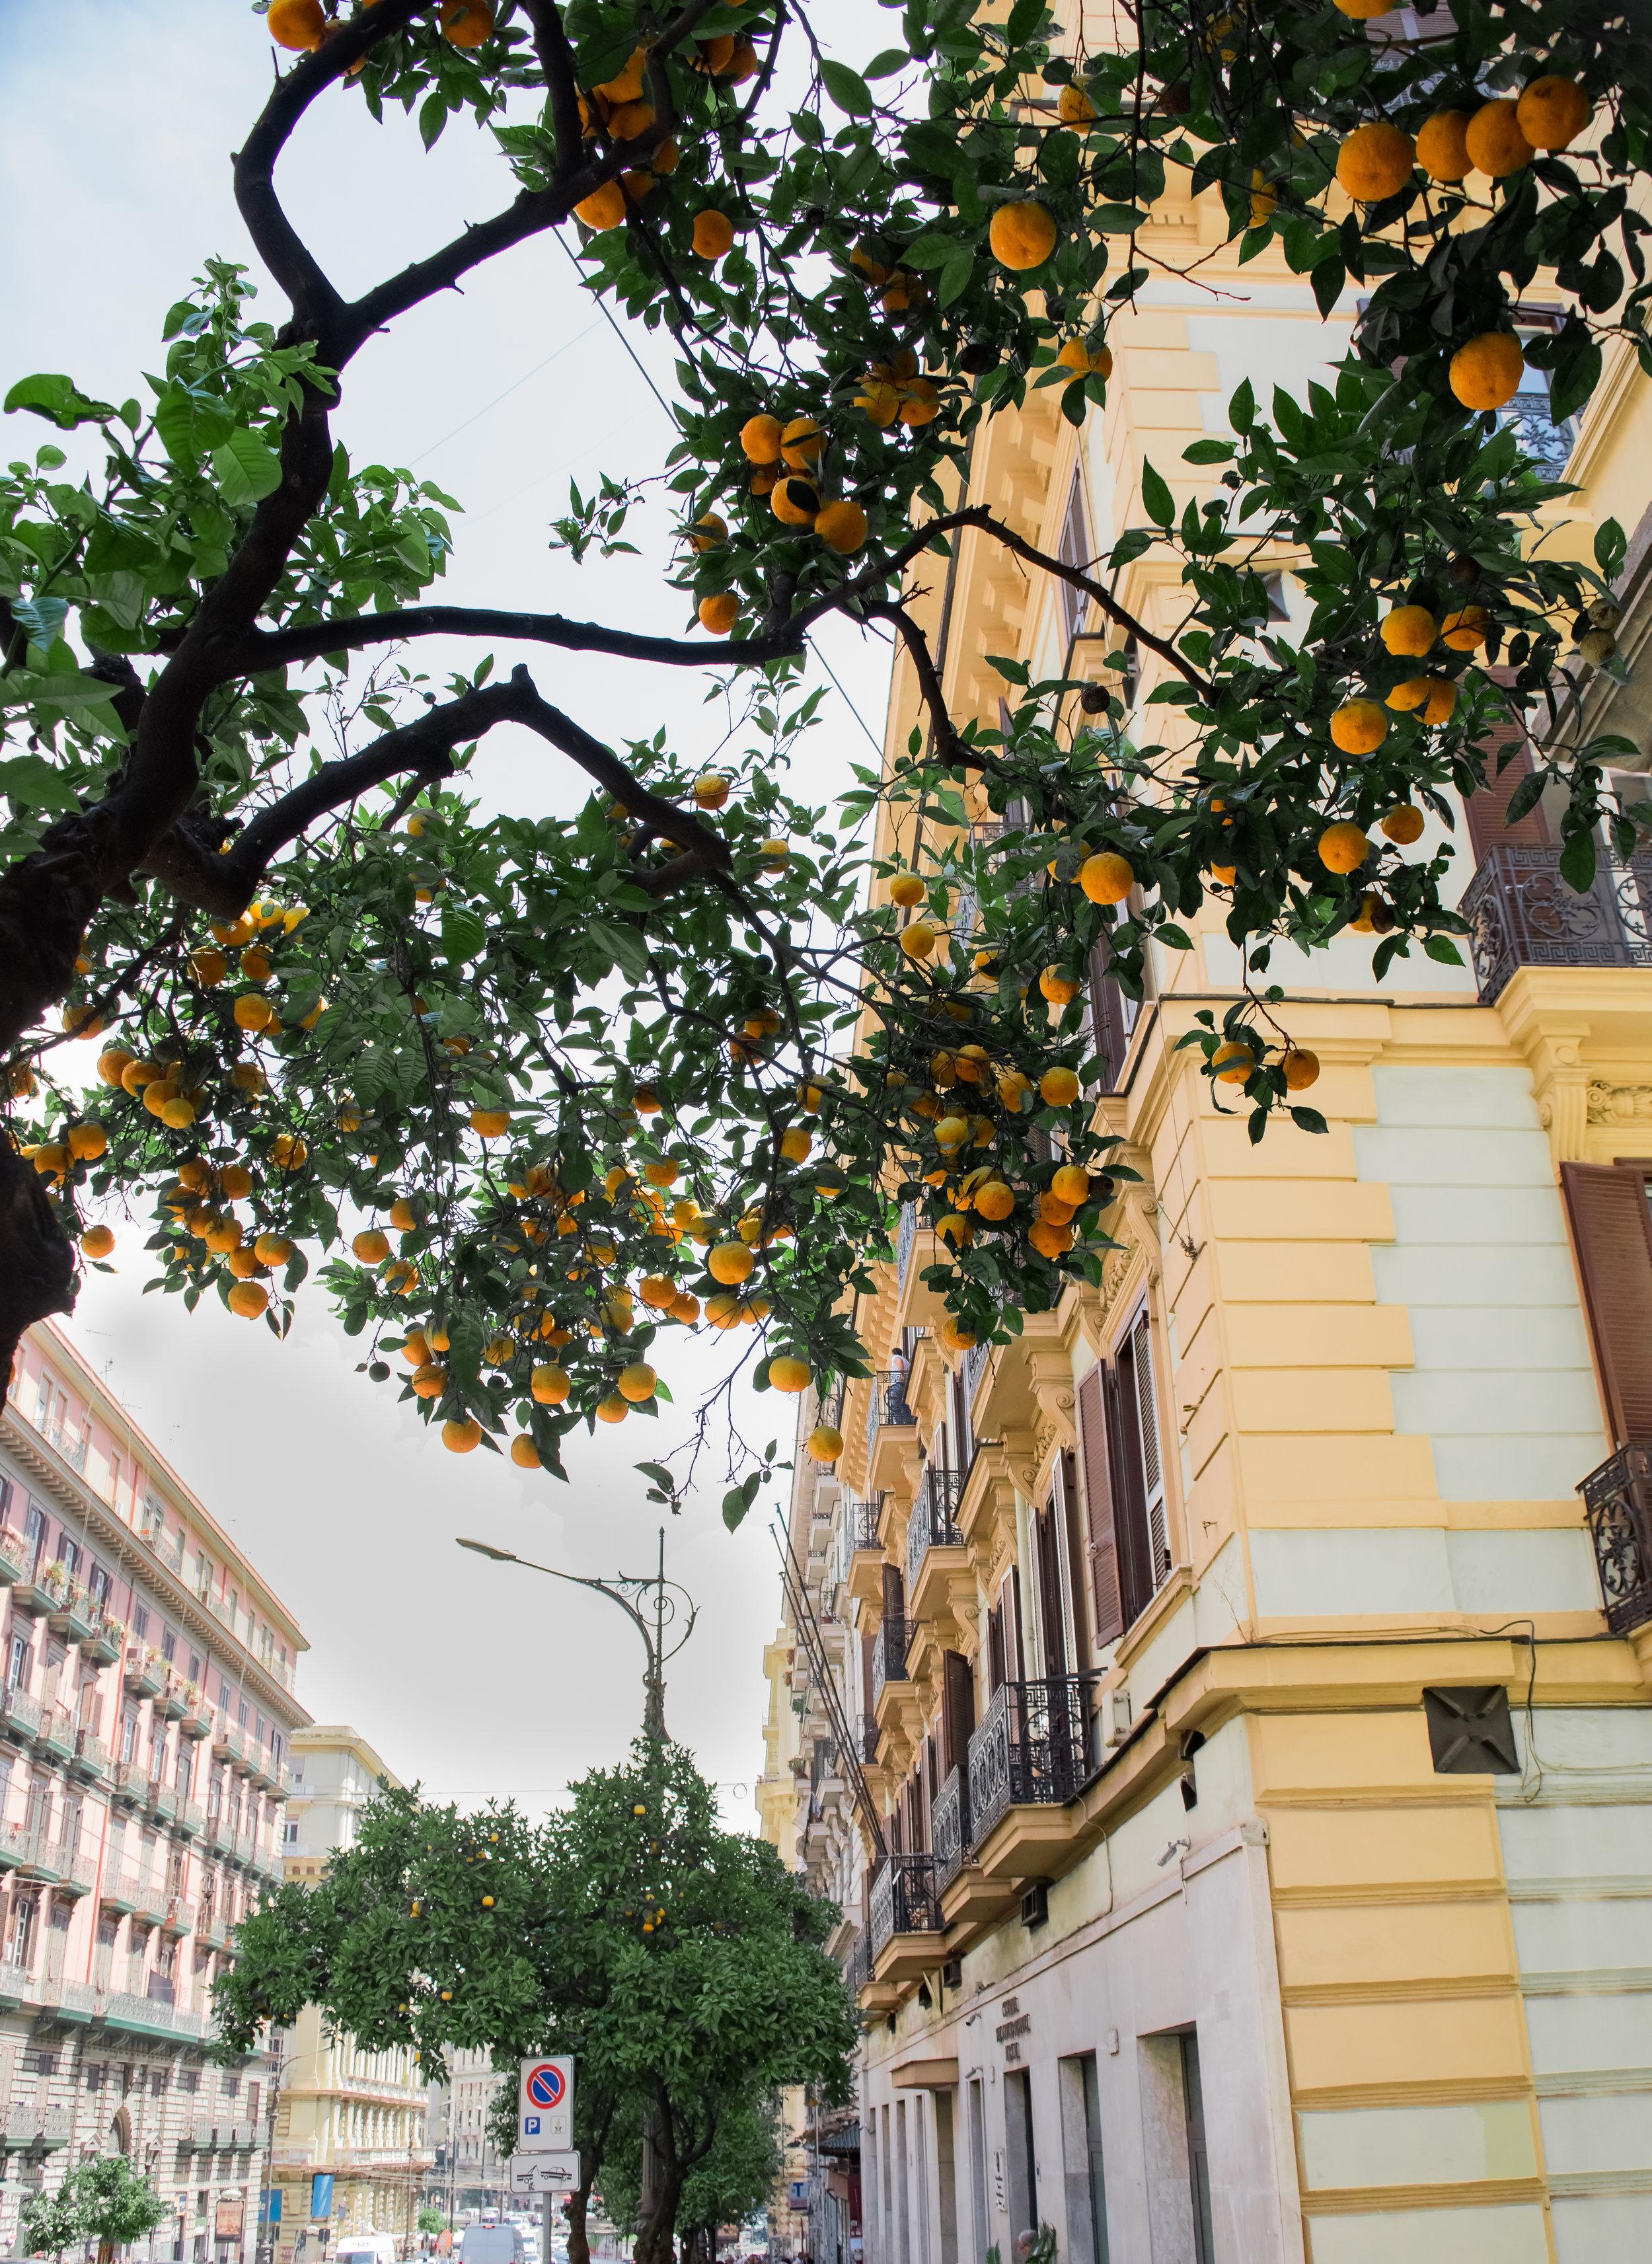 ORANGE TREE, NAPLES